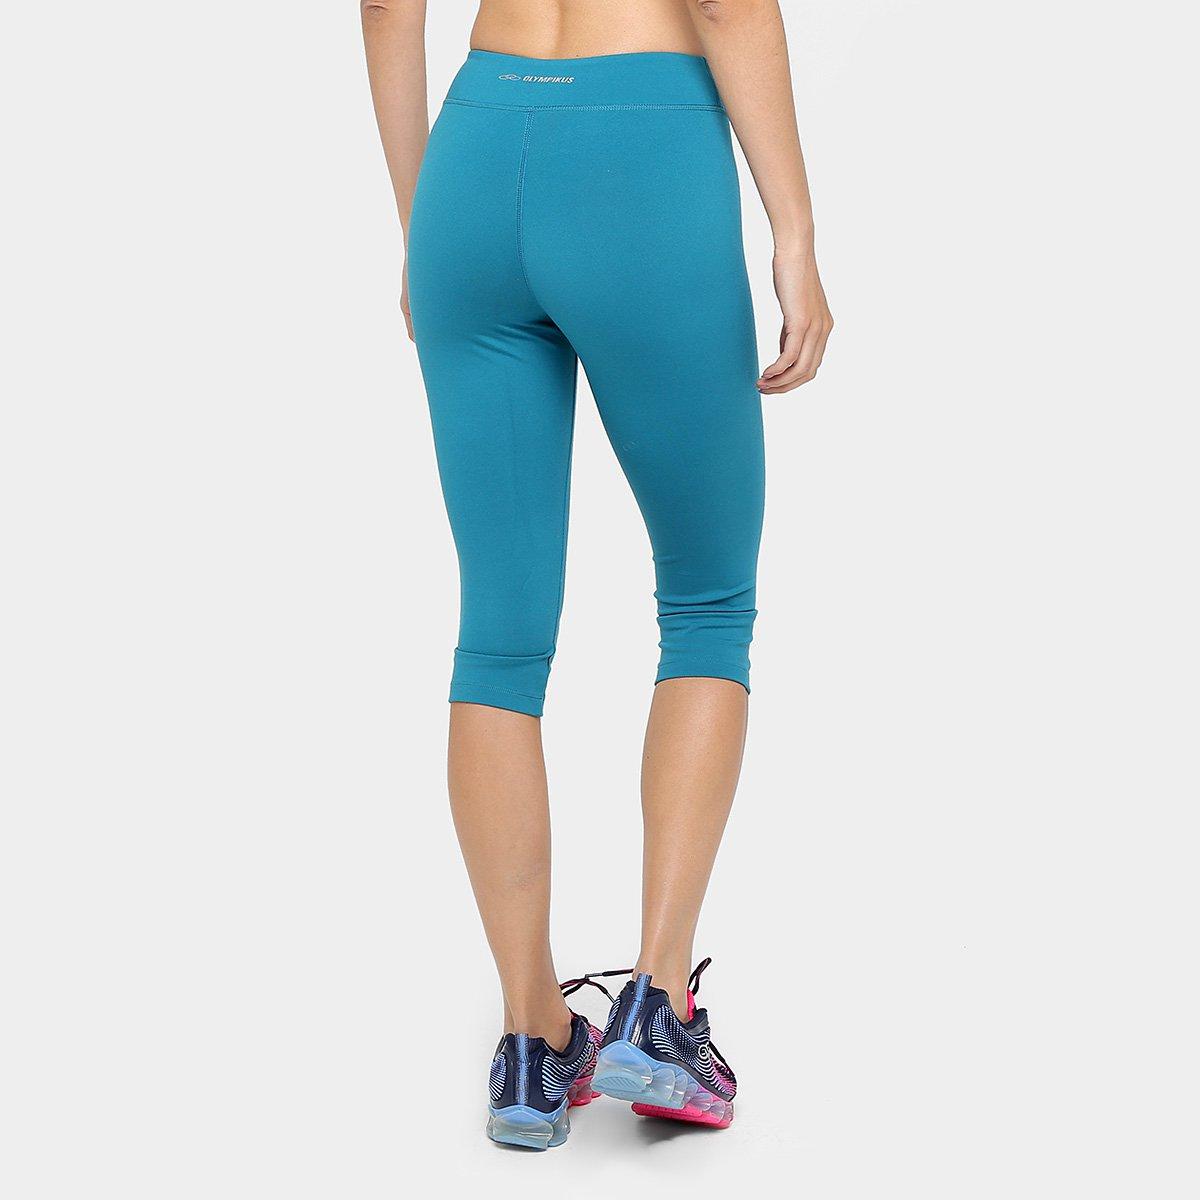 Calça Essential Feminina Olympikus Azul Corsário Petróleo Calça Corsário 1qrI1